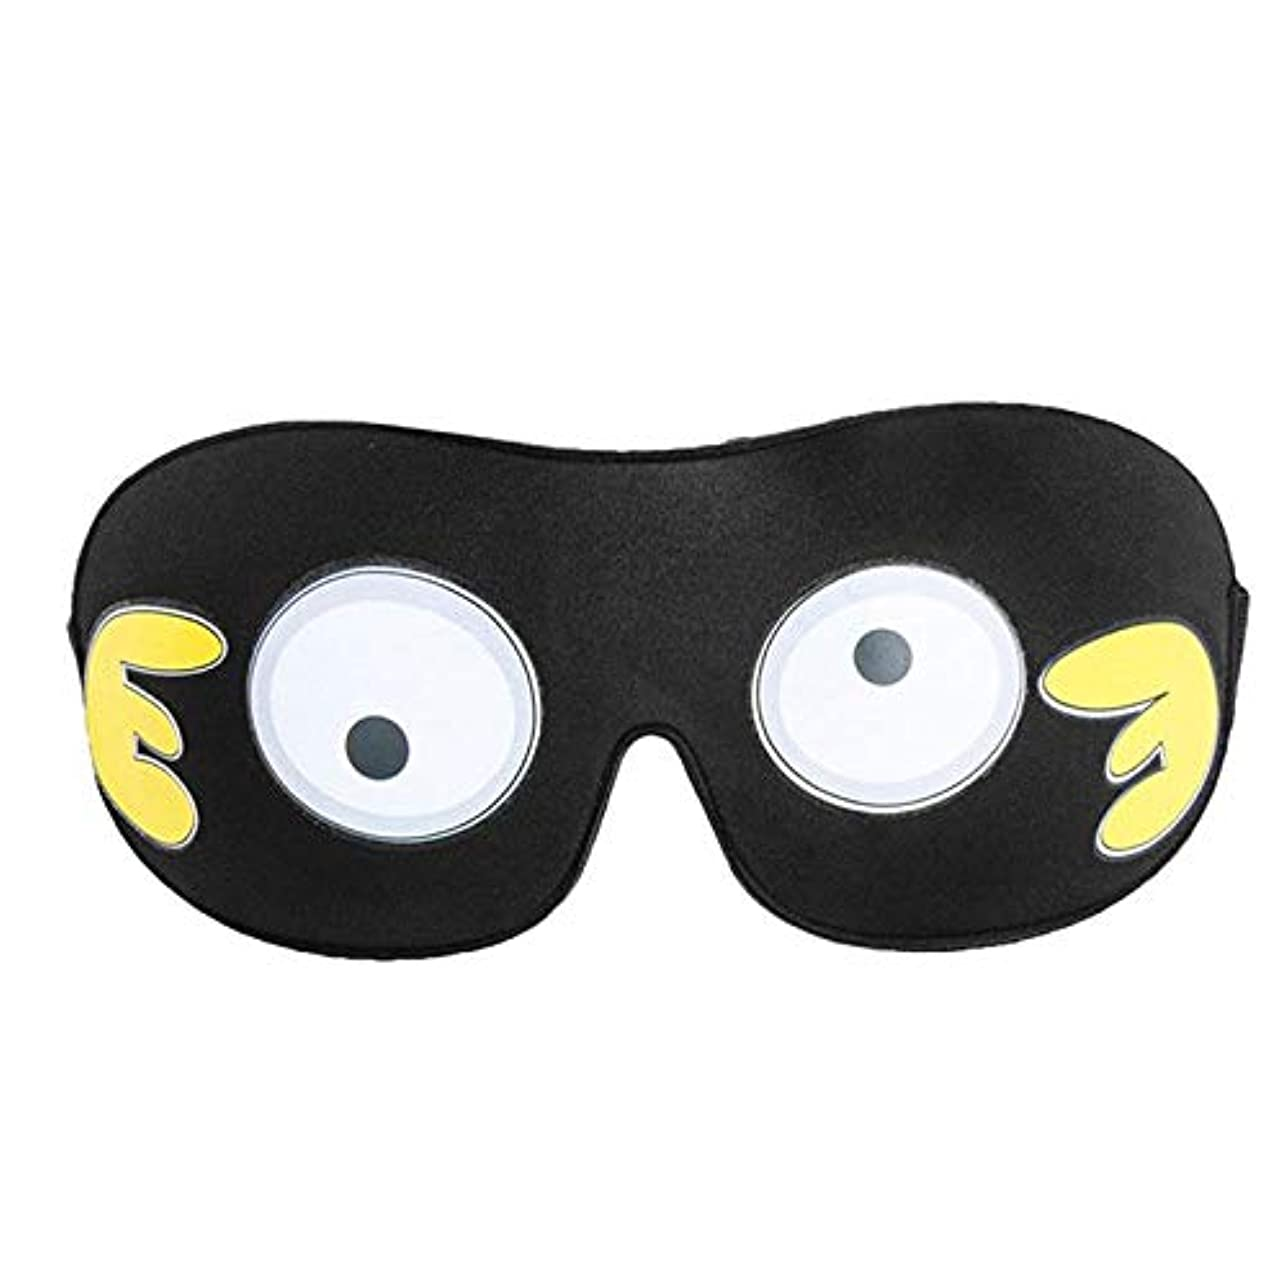 後世関与する半径NOTE 1ピースアイマスクプリント軽量シェーディング3dラージポリスターアイシェードスリープマスク目隠し用子供男性女性